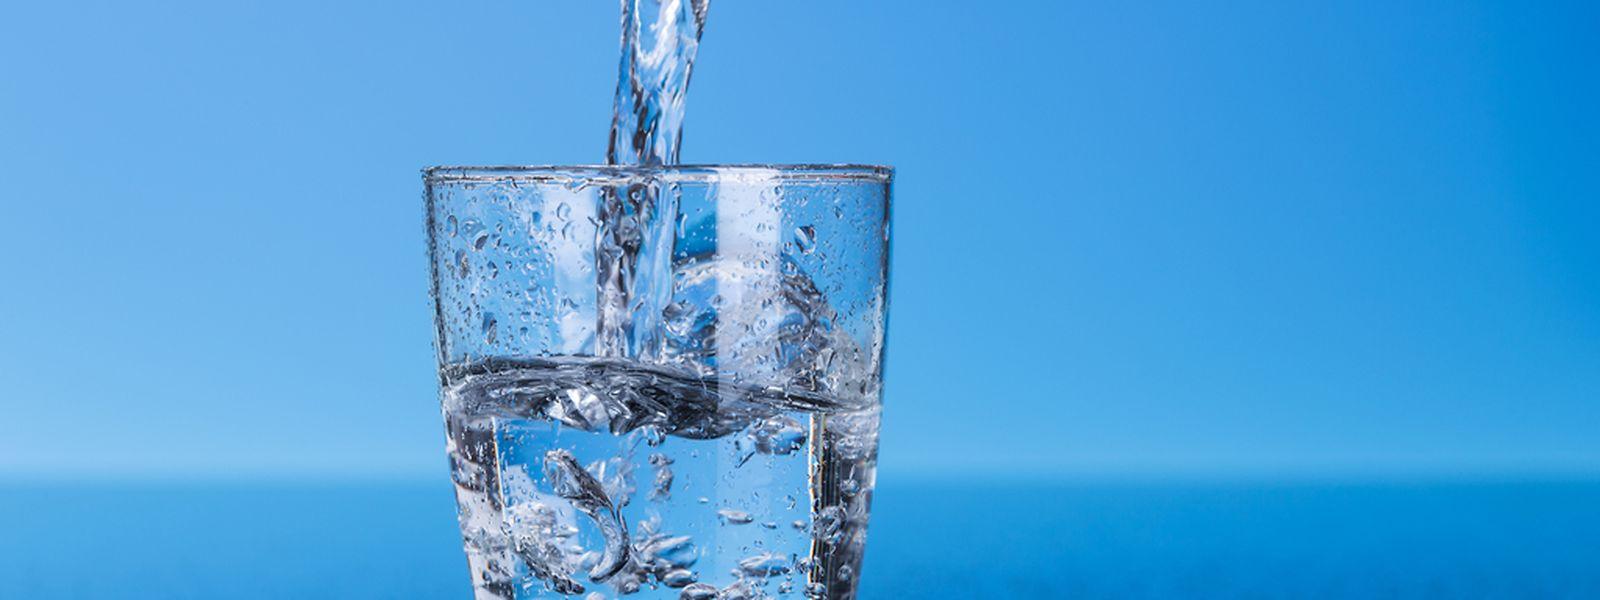 Rund ein Drittel unserer Frischwasserquellen sind übermäßig mit Pestiziden belastet.